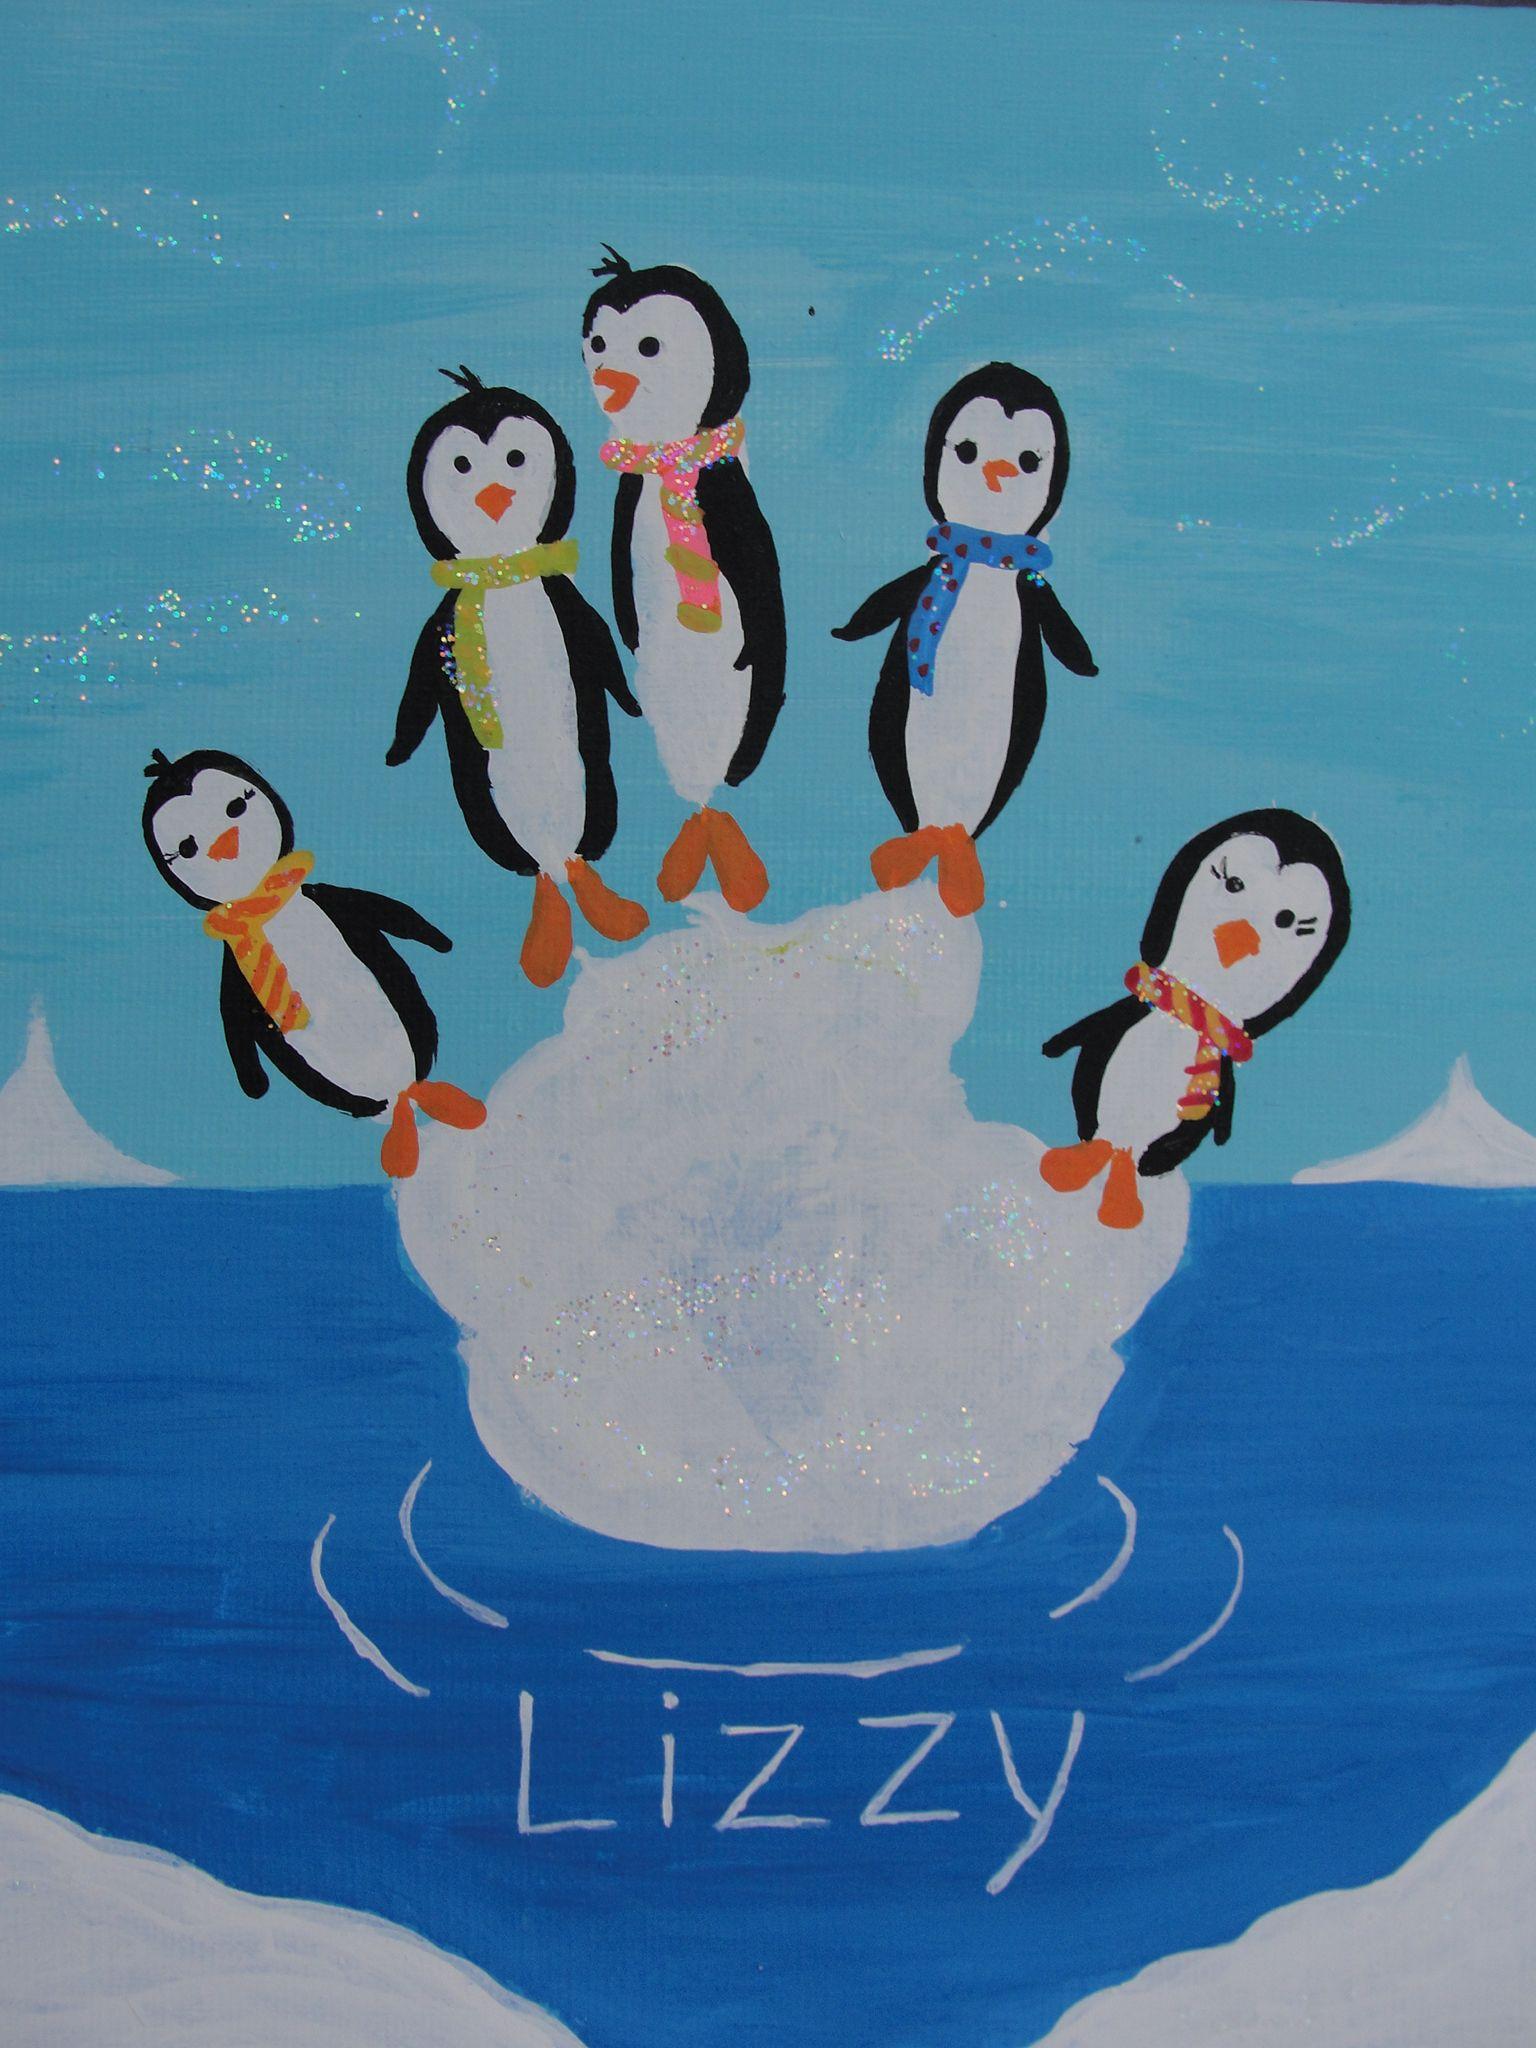 Pinguine auf dem Eisberg | Handabdruck bilder, Basteln